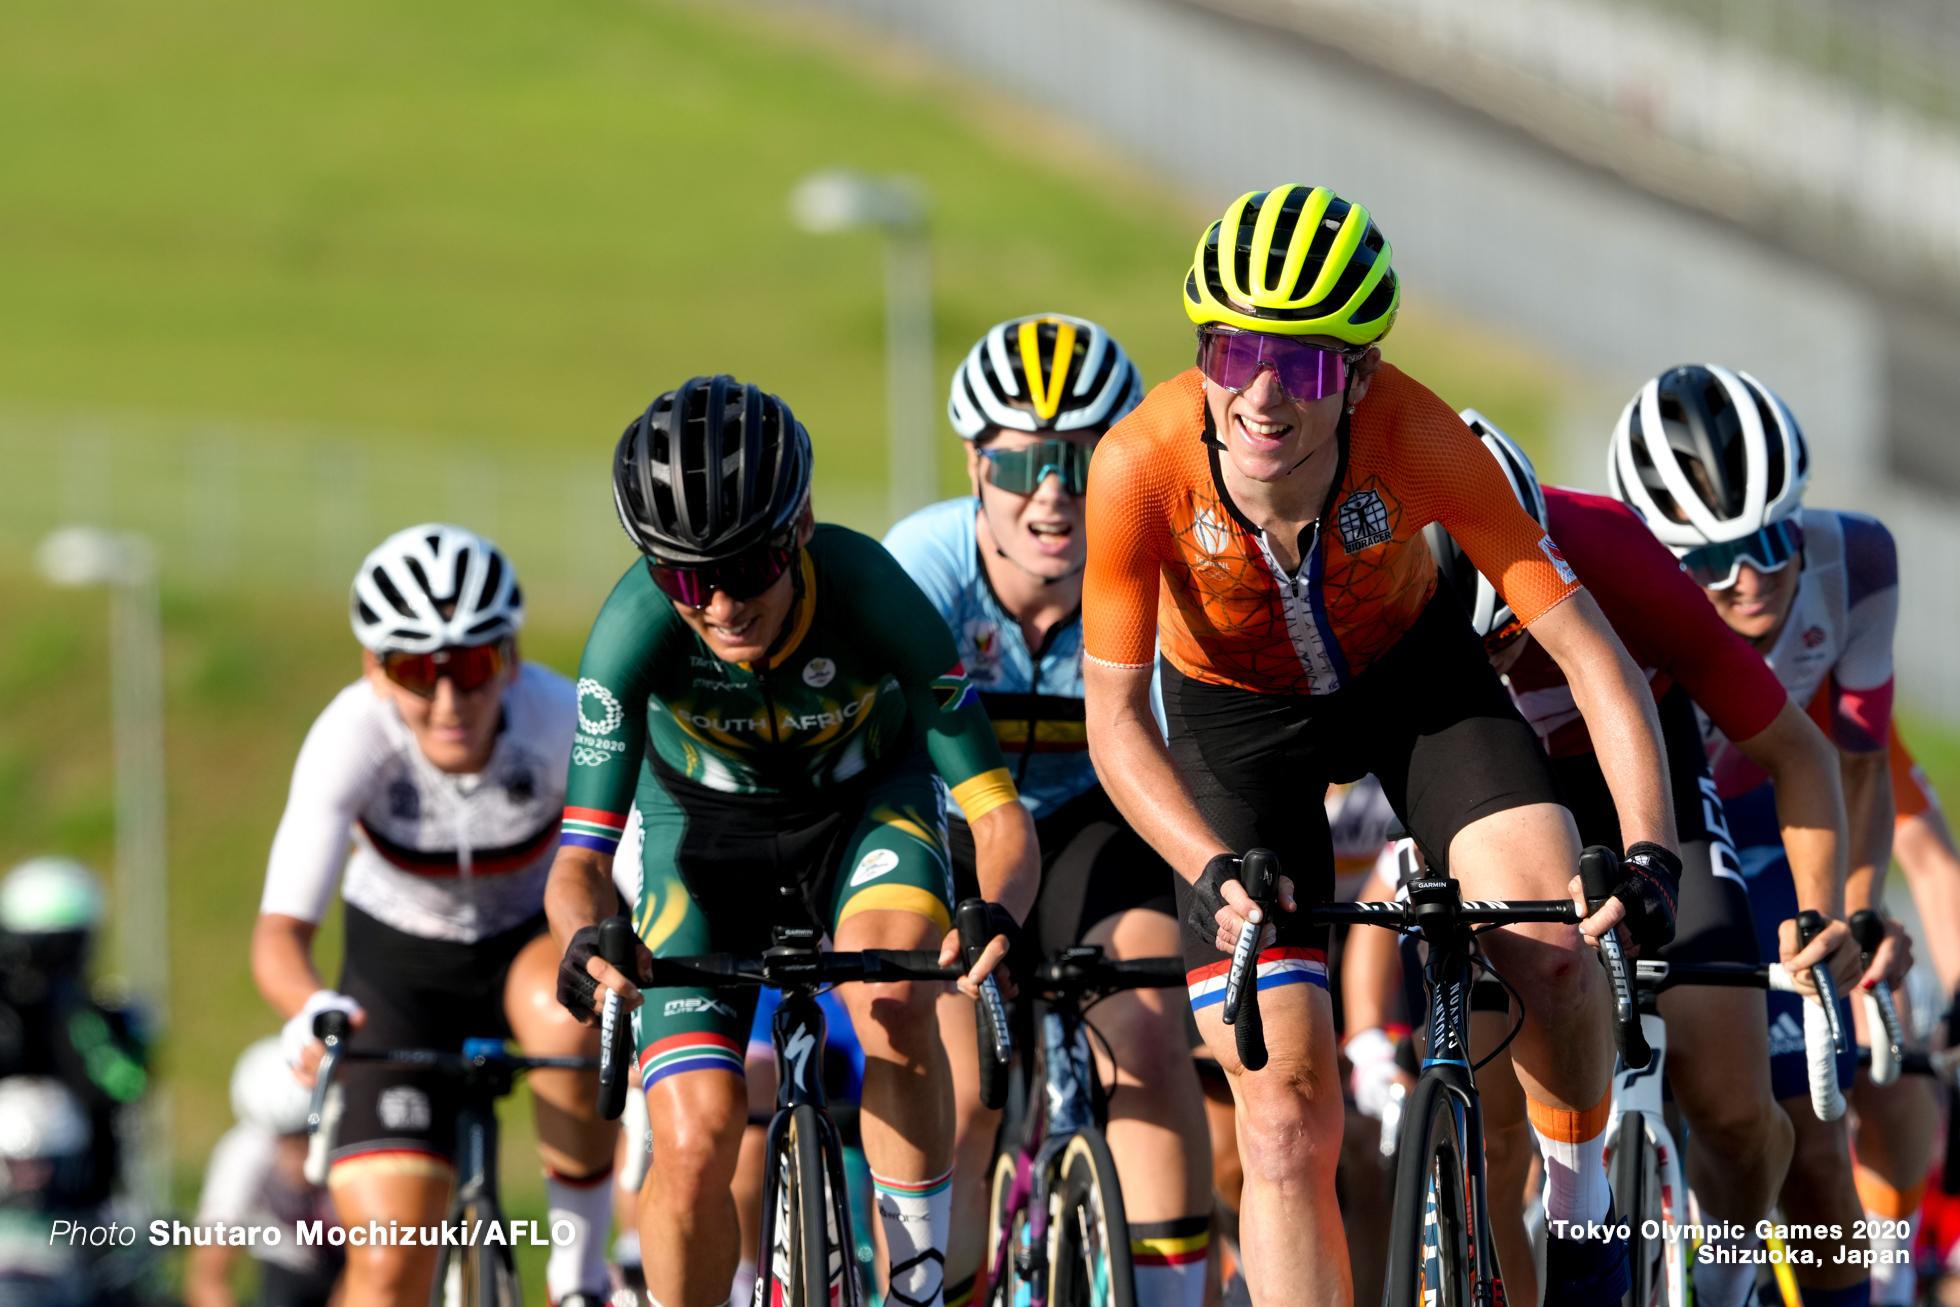 アンネミク・ファンフルテン Annemiek van Vleuten (NED), JULY 25, 2021 - Cycling : Women's Road Race during the Tokyo 2020 Olympic Games at the Fuji International Speedway in Shizuoka, Japan. (Photo by Shutaro Mochizuki/AFLO)